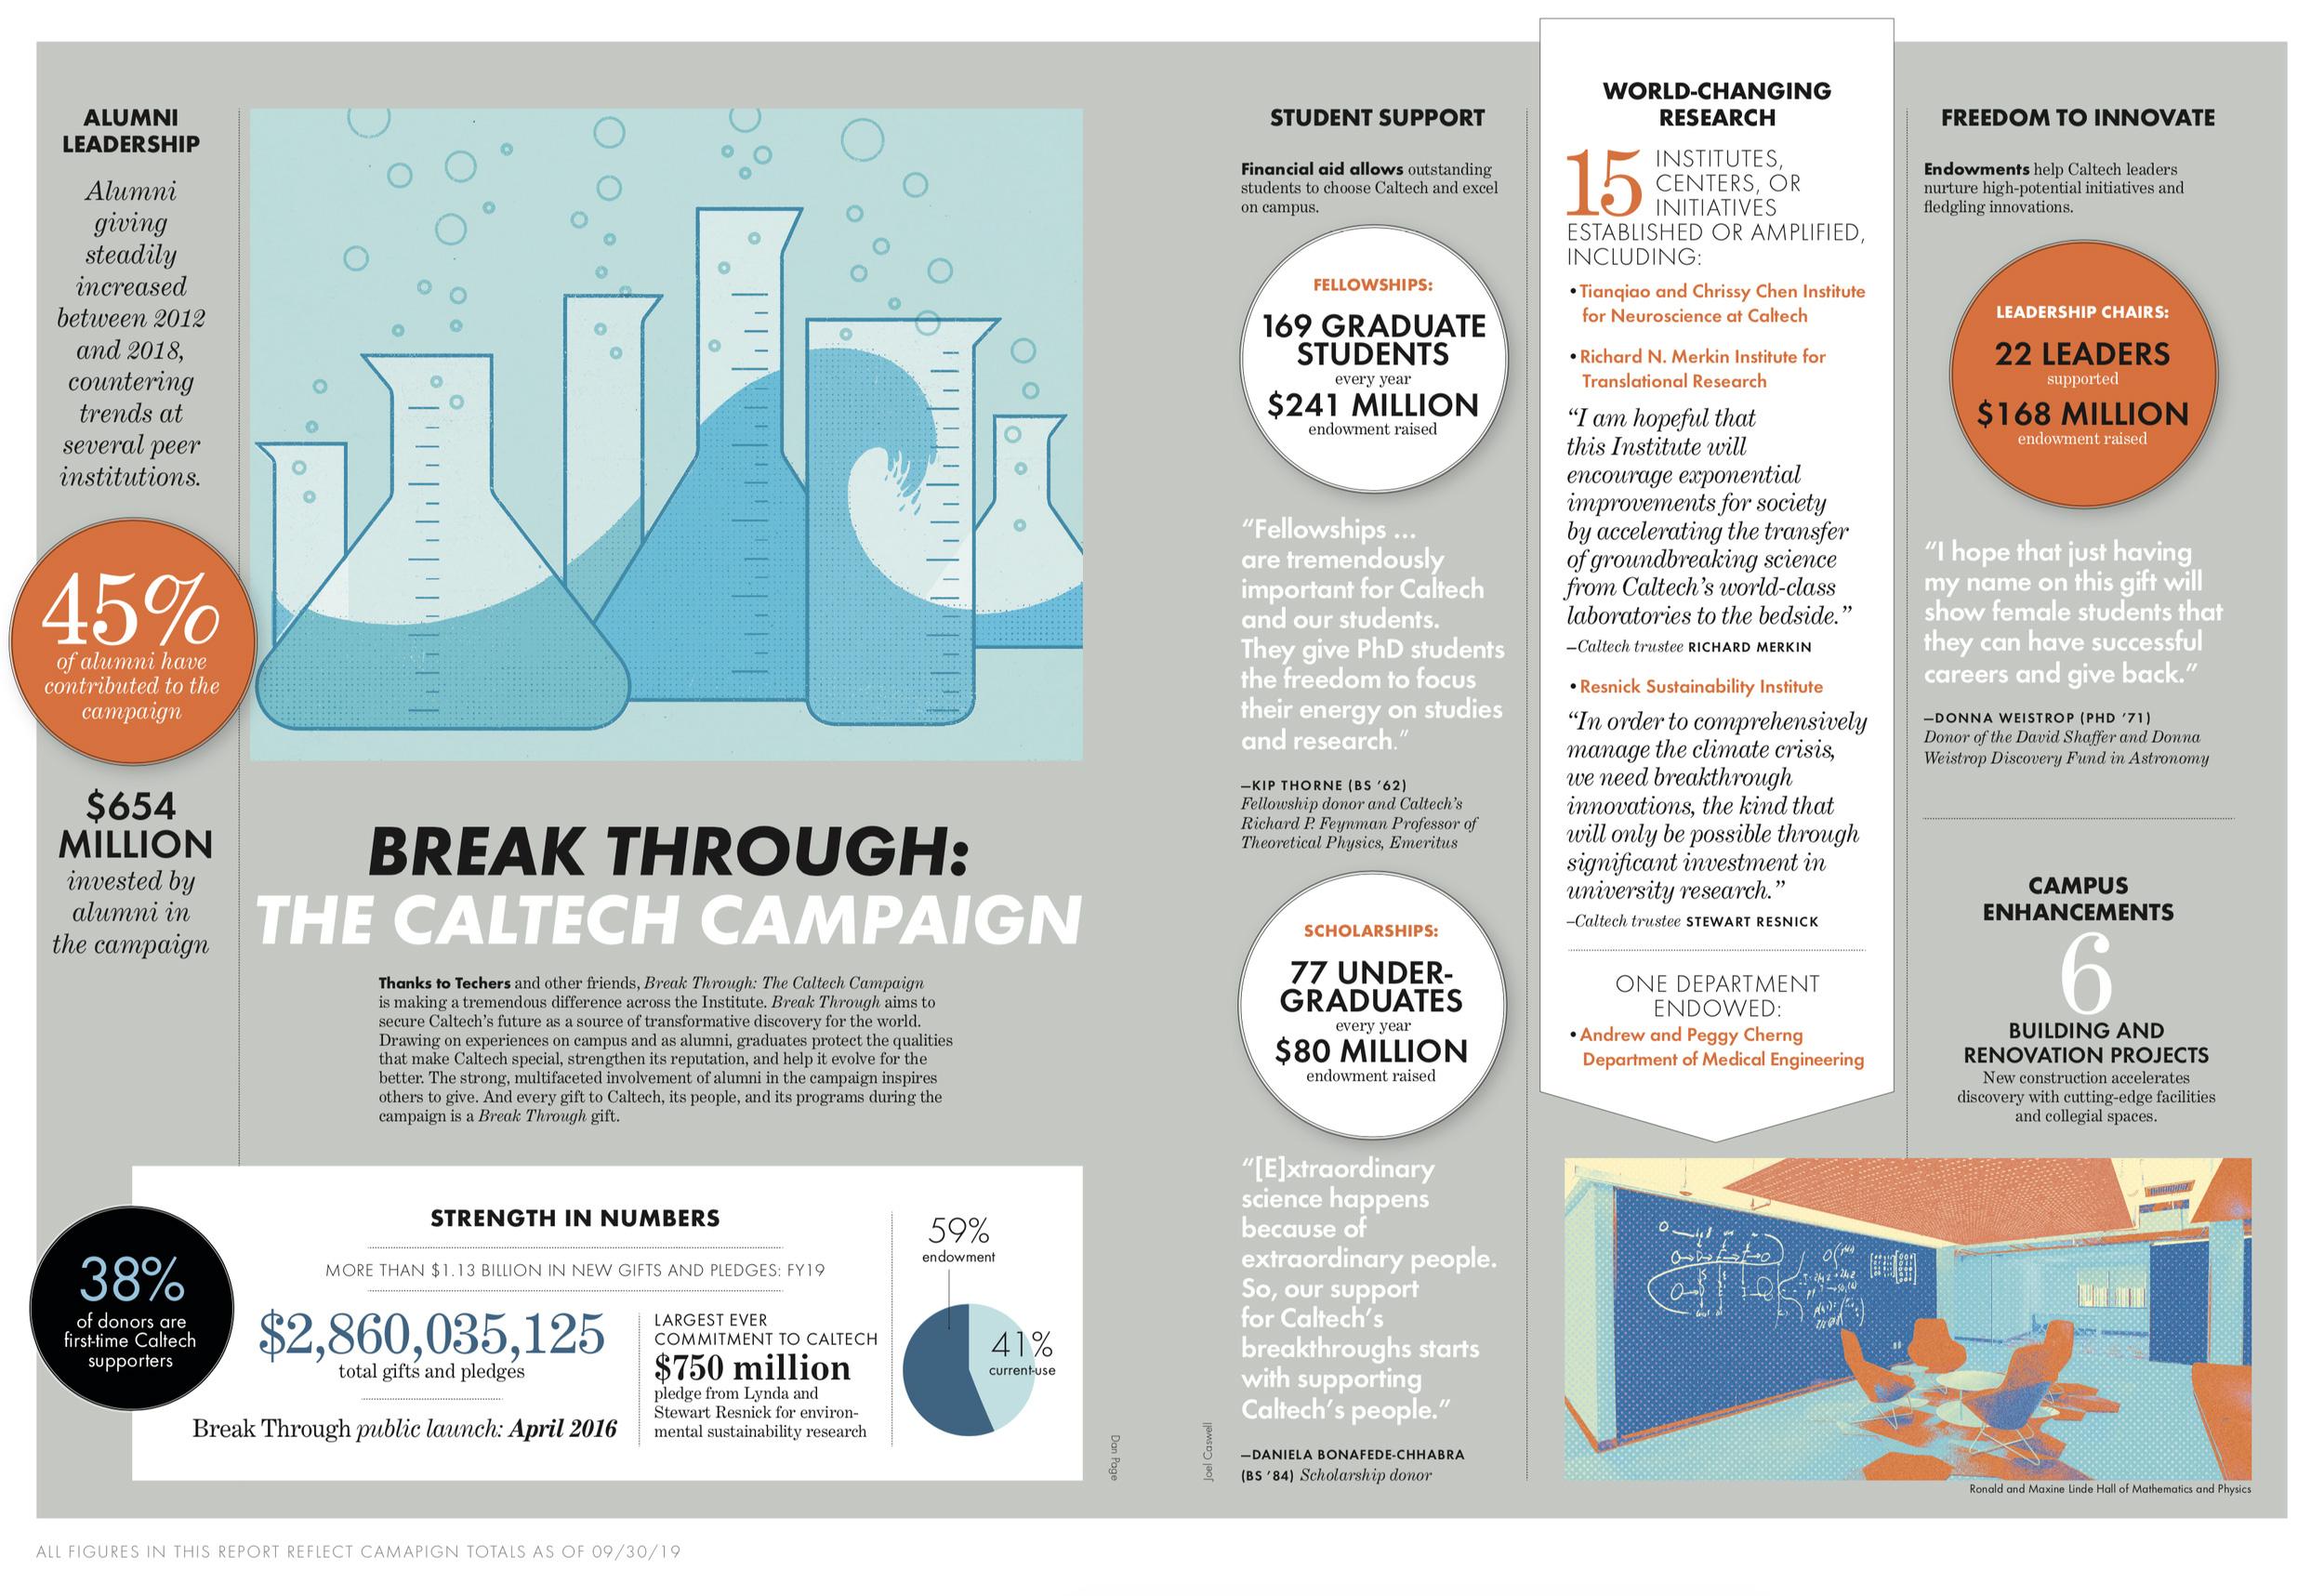 Break Through: The Caltech Campaign